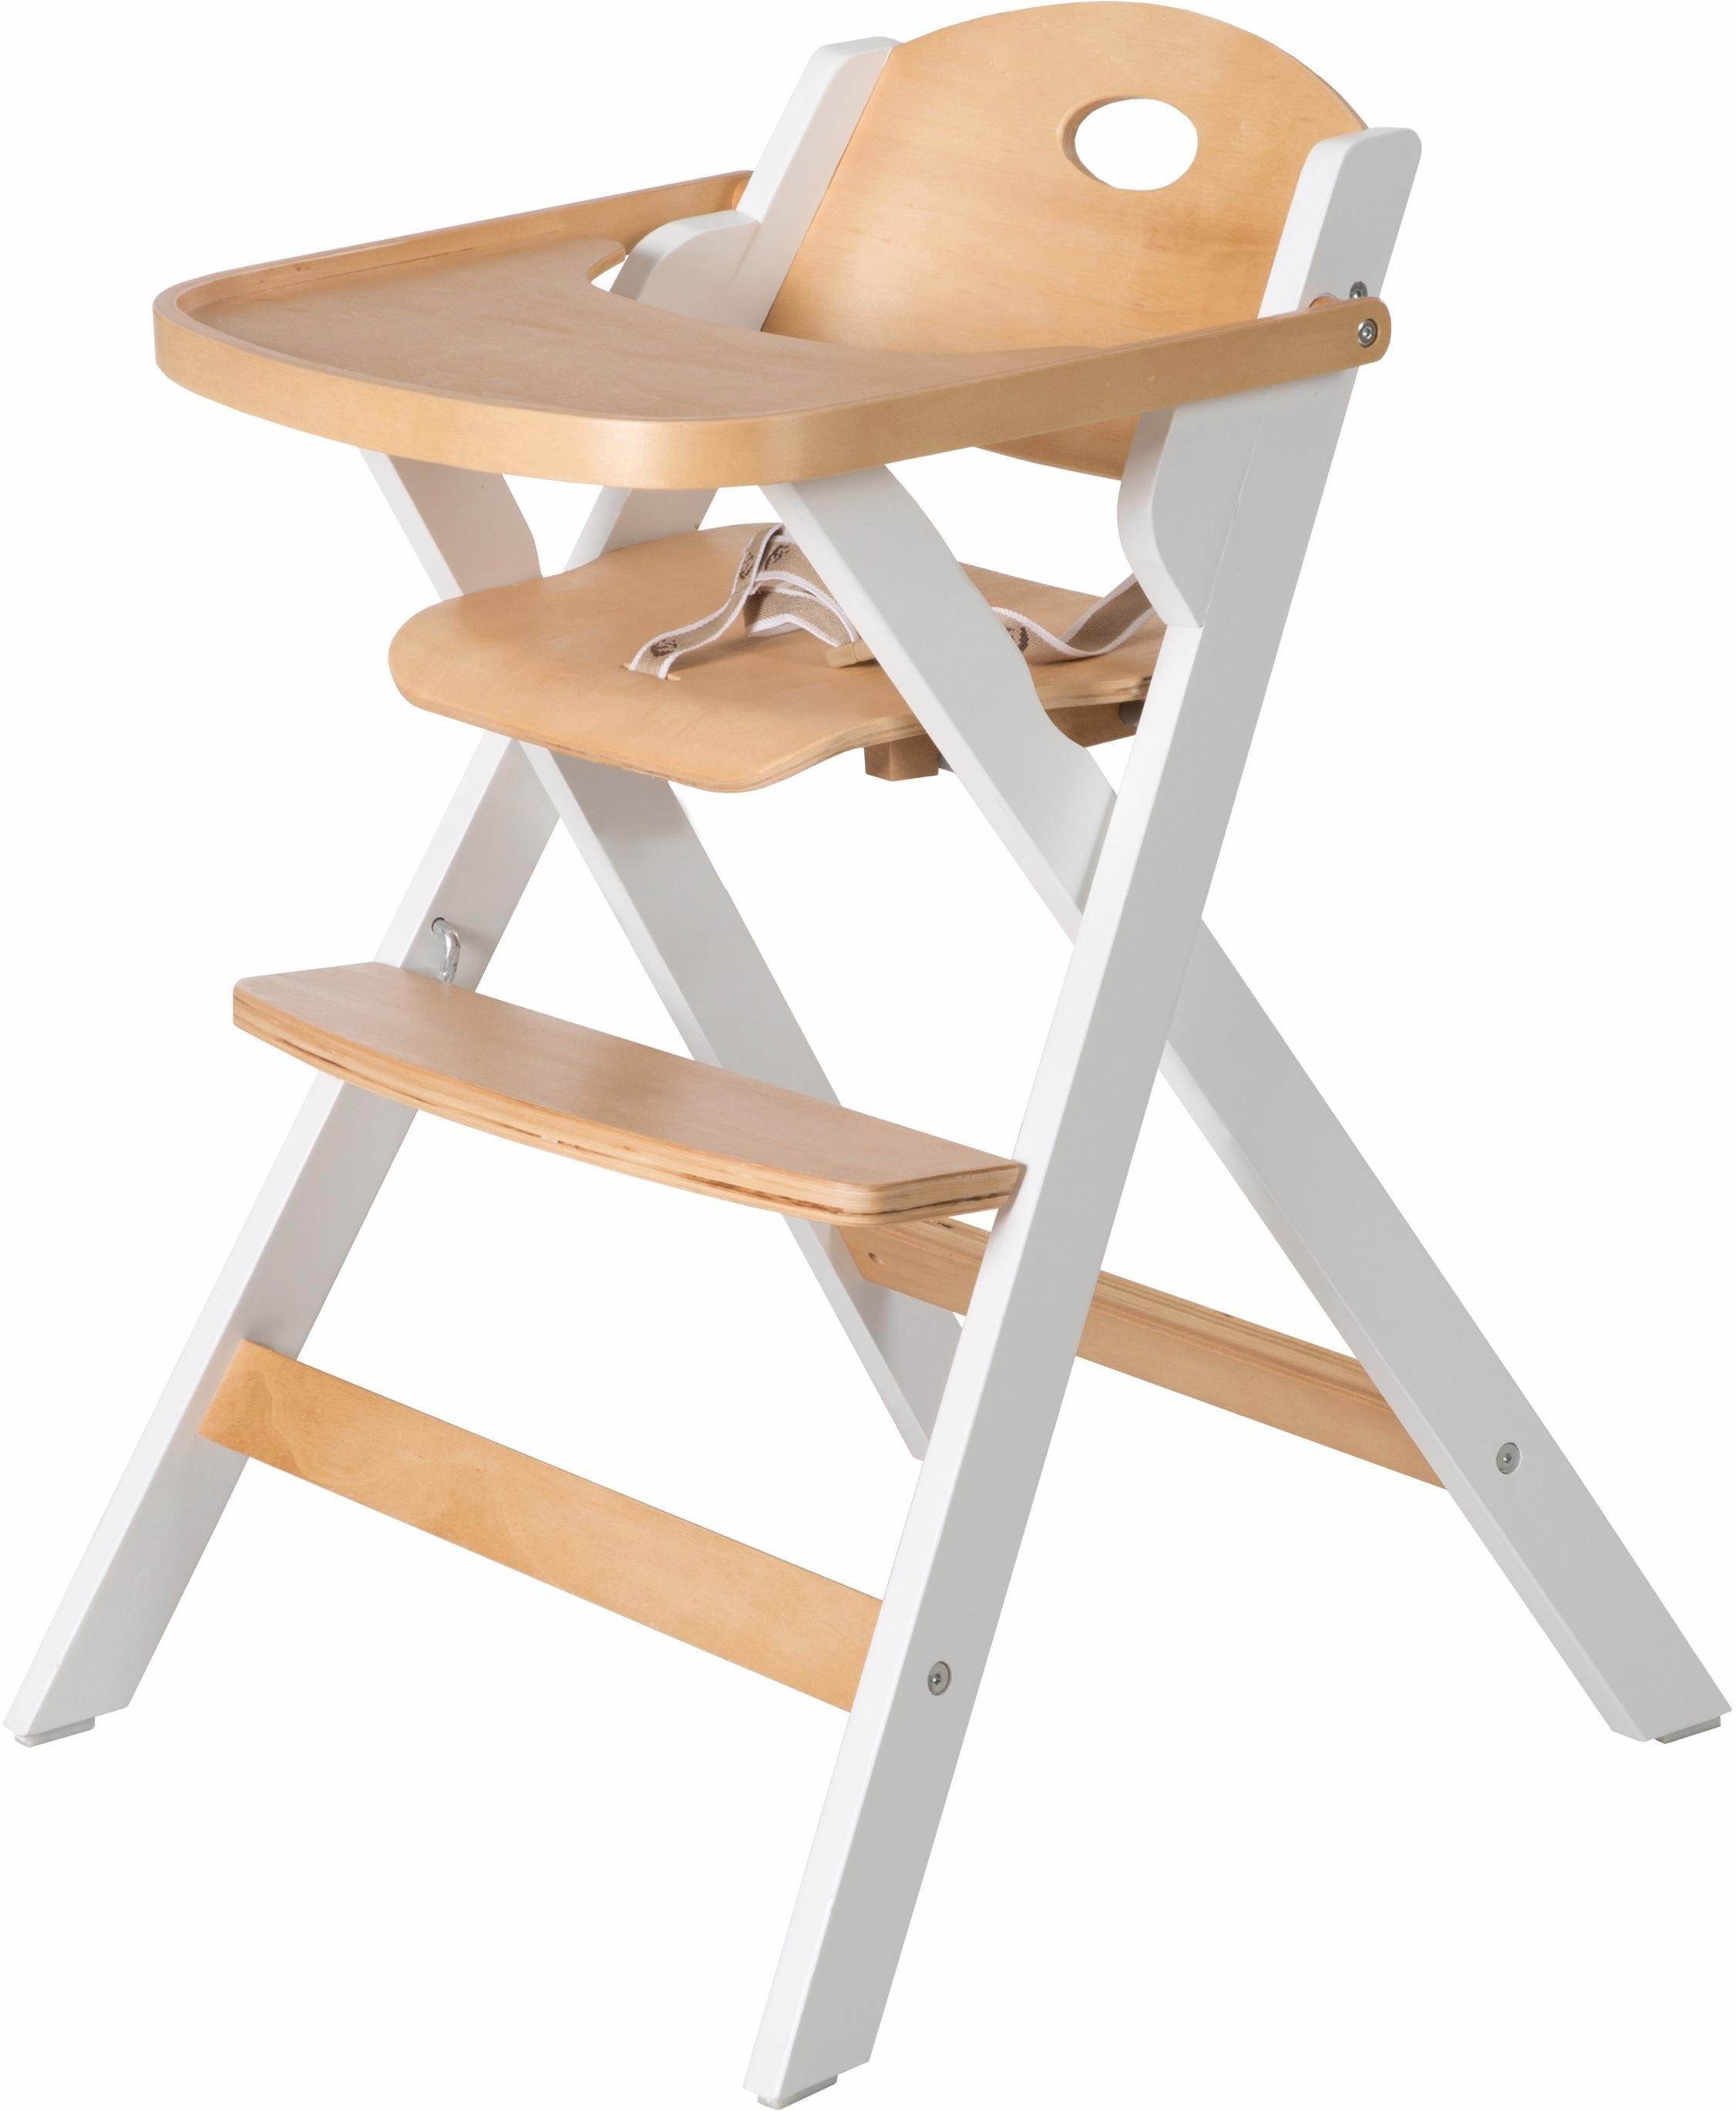 Kinderstoel Hout Inklapbaar.Roba Kinderstoel Inklapbaar Inklapbare Kinderstoel Koop Je Bij